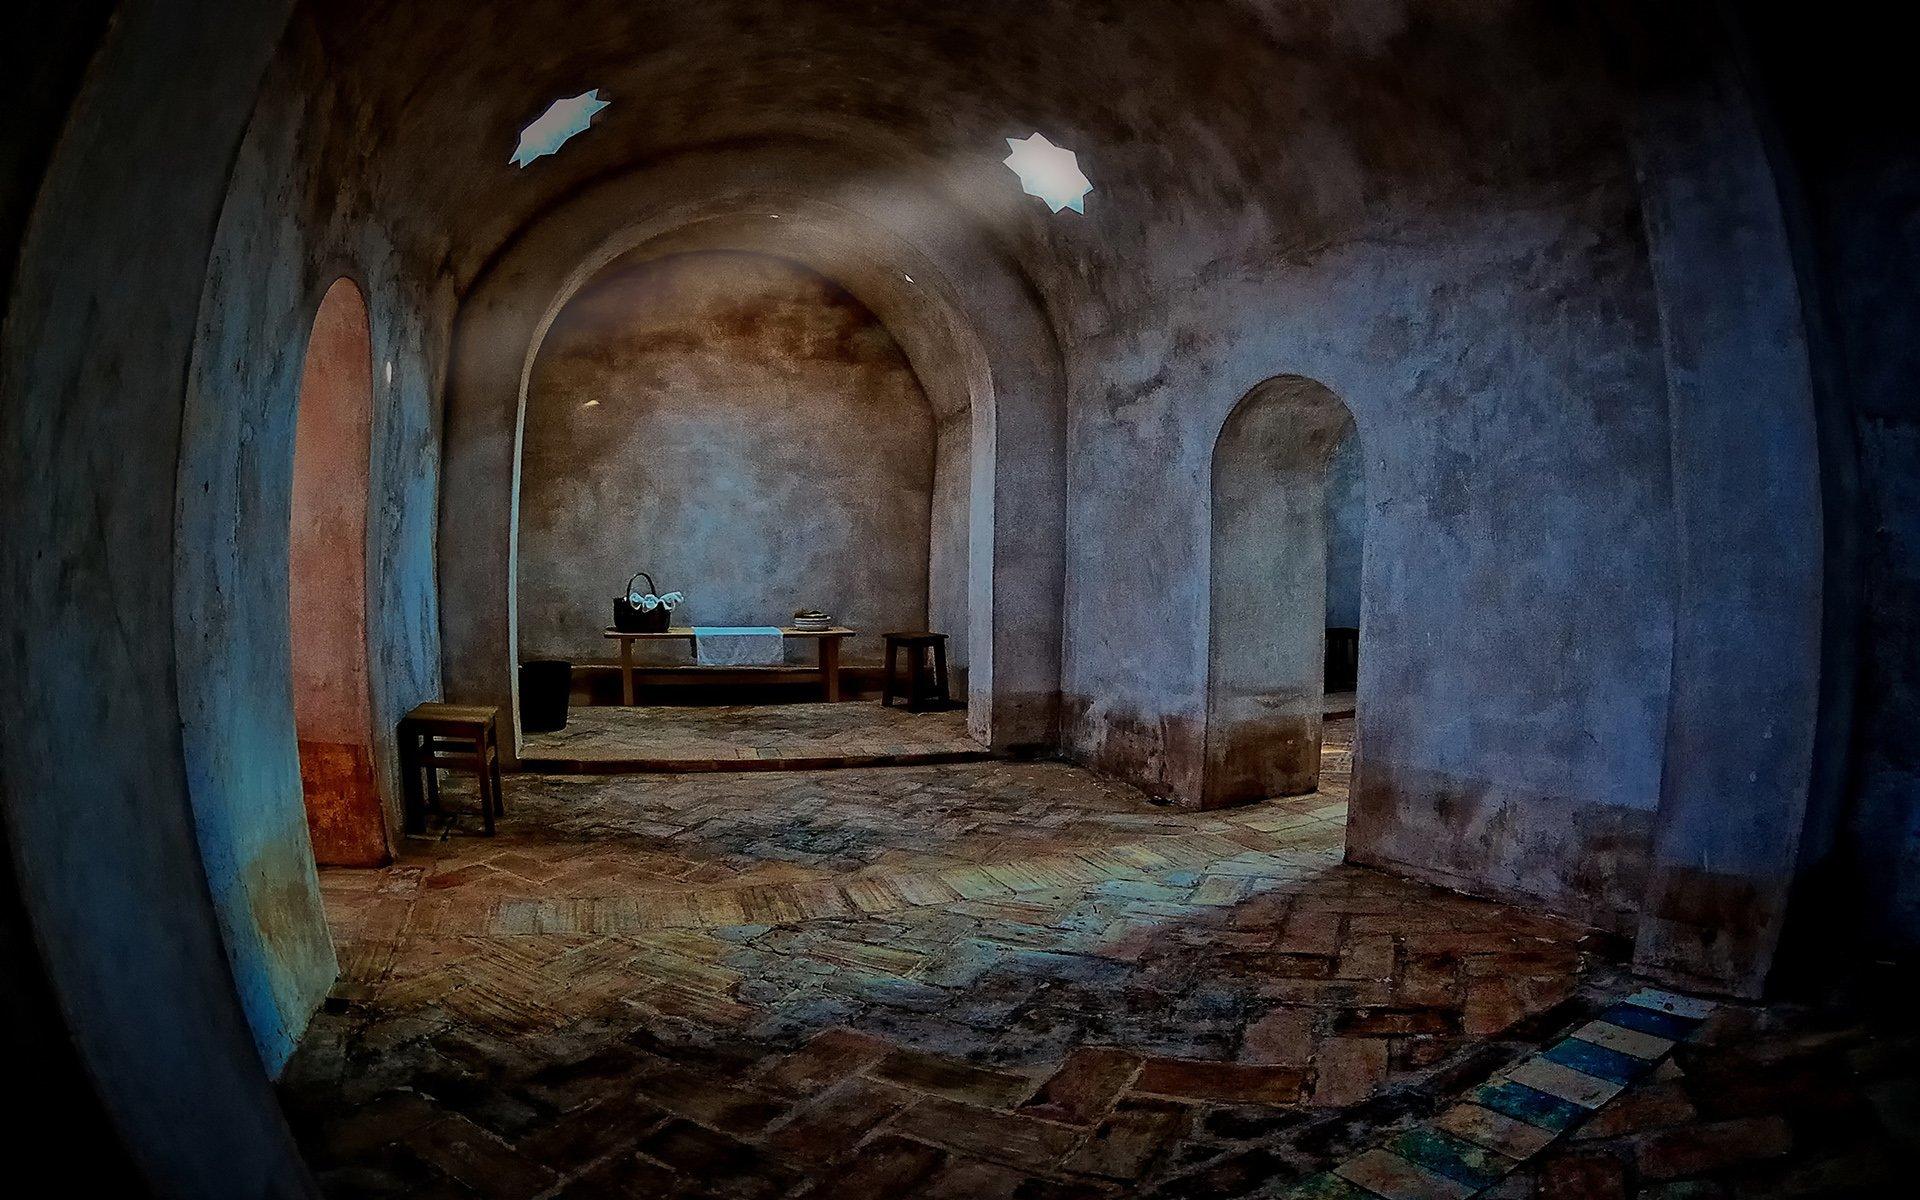 arap hamamı – sıcak oda